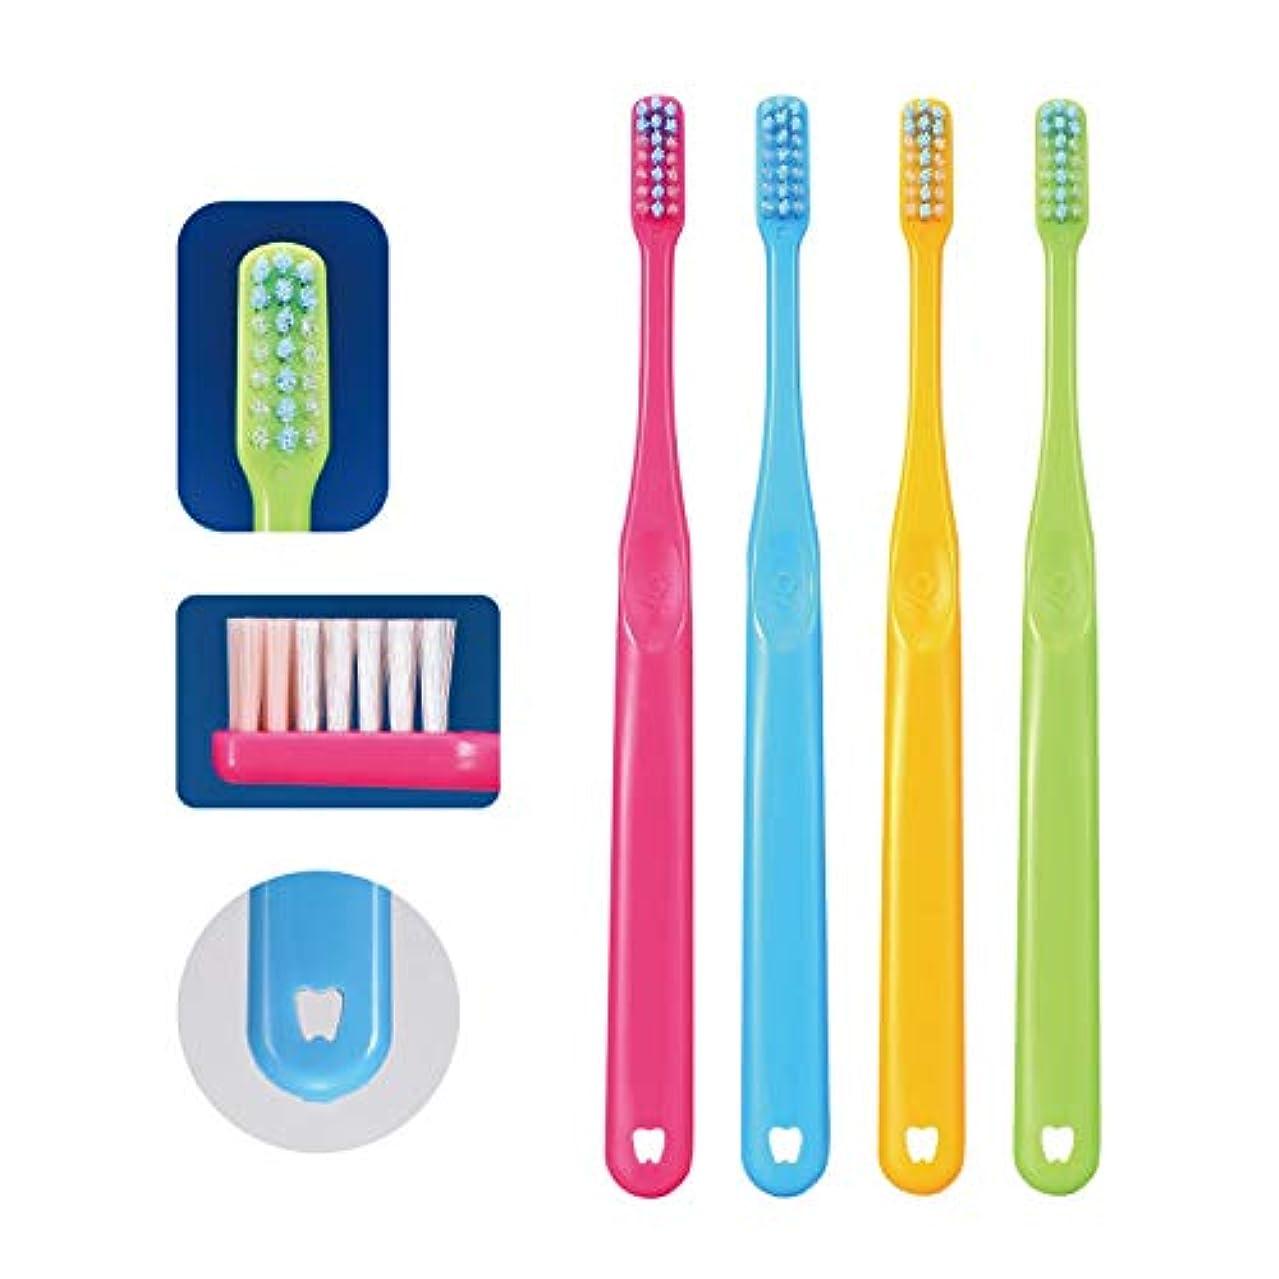 区別分割責めるCi PRO PLUS プロプラス 歯ブラシ 20本 M(ふつう) 日本製 プラーク除去 歯科専売品